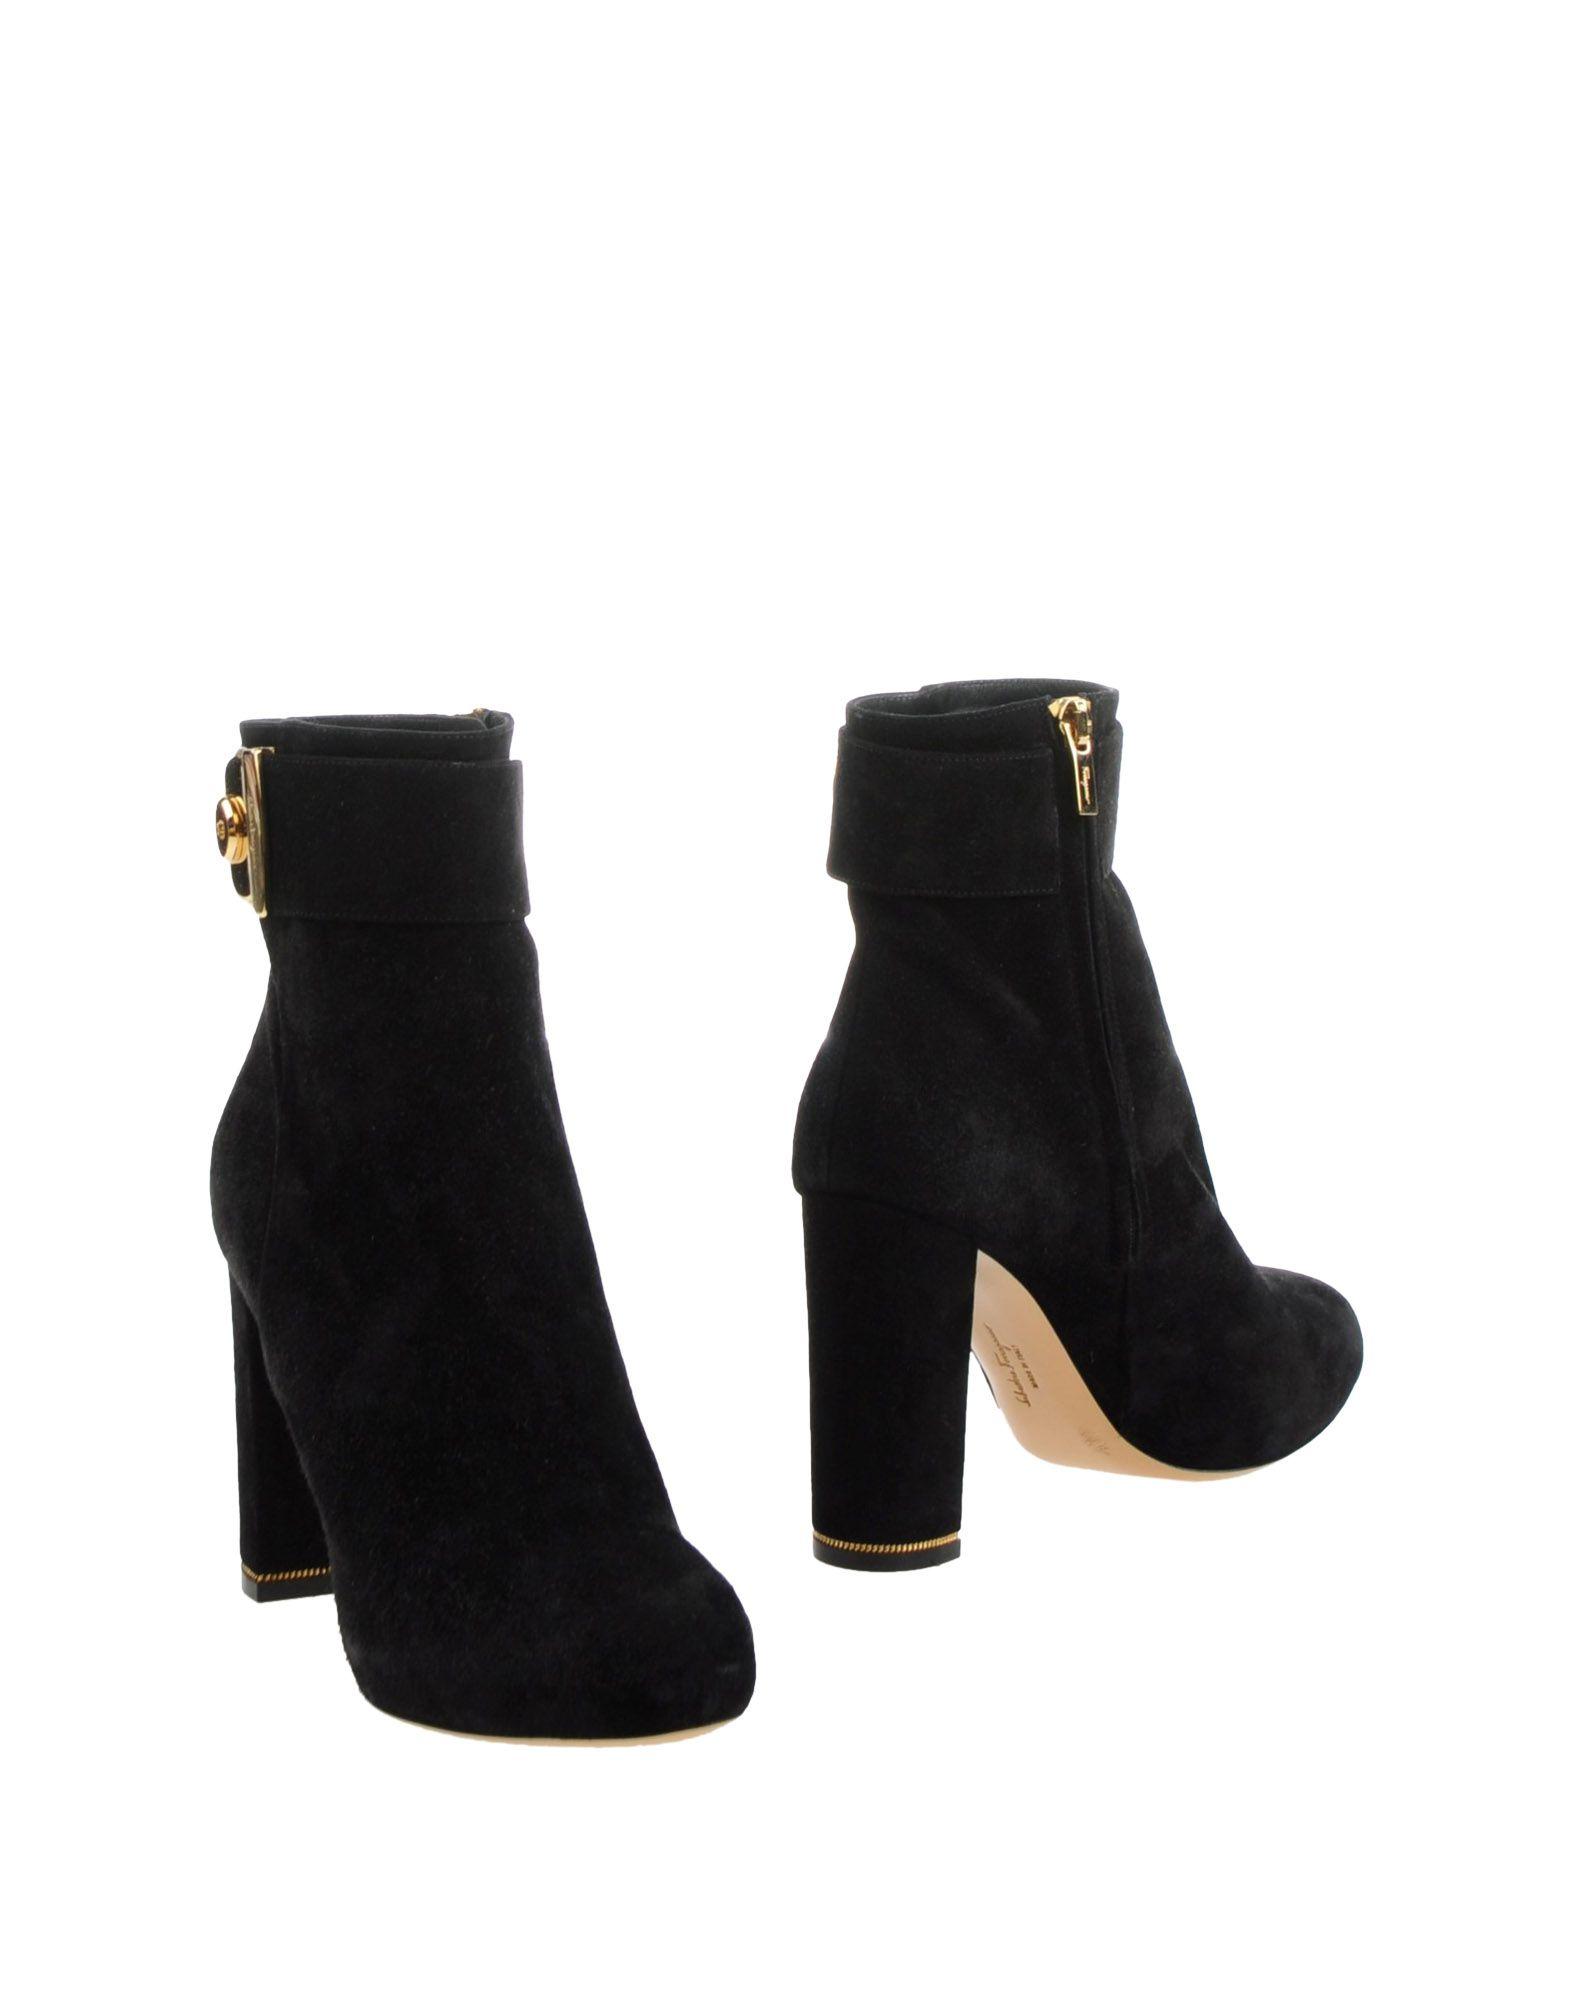 Salvatore Ferragamo Stiefelette aussehende Damen  11240868HLGünstige gut aussehende Stiefelette Schuhe 193dce